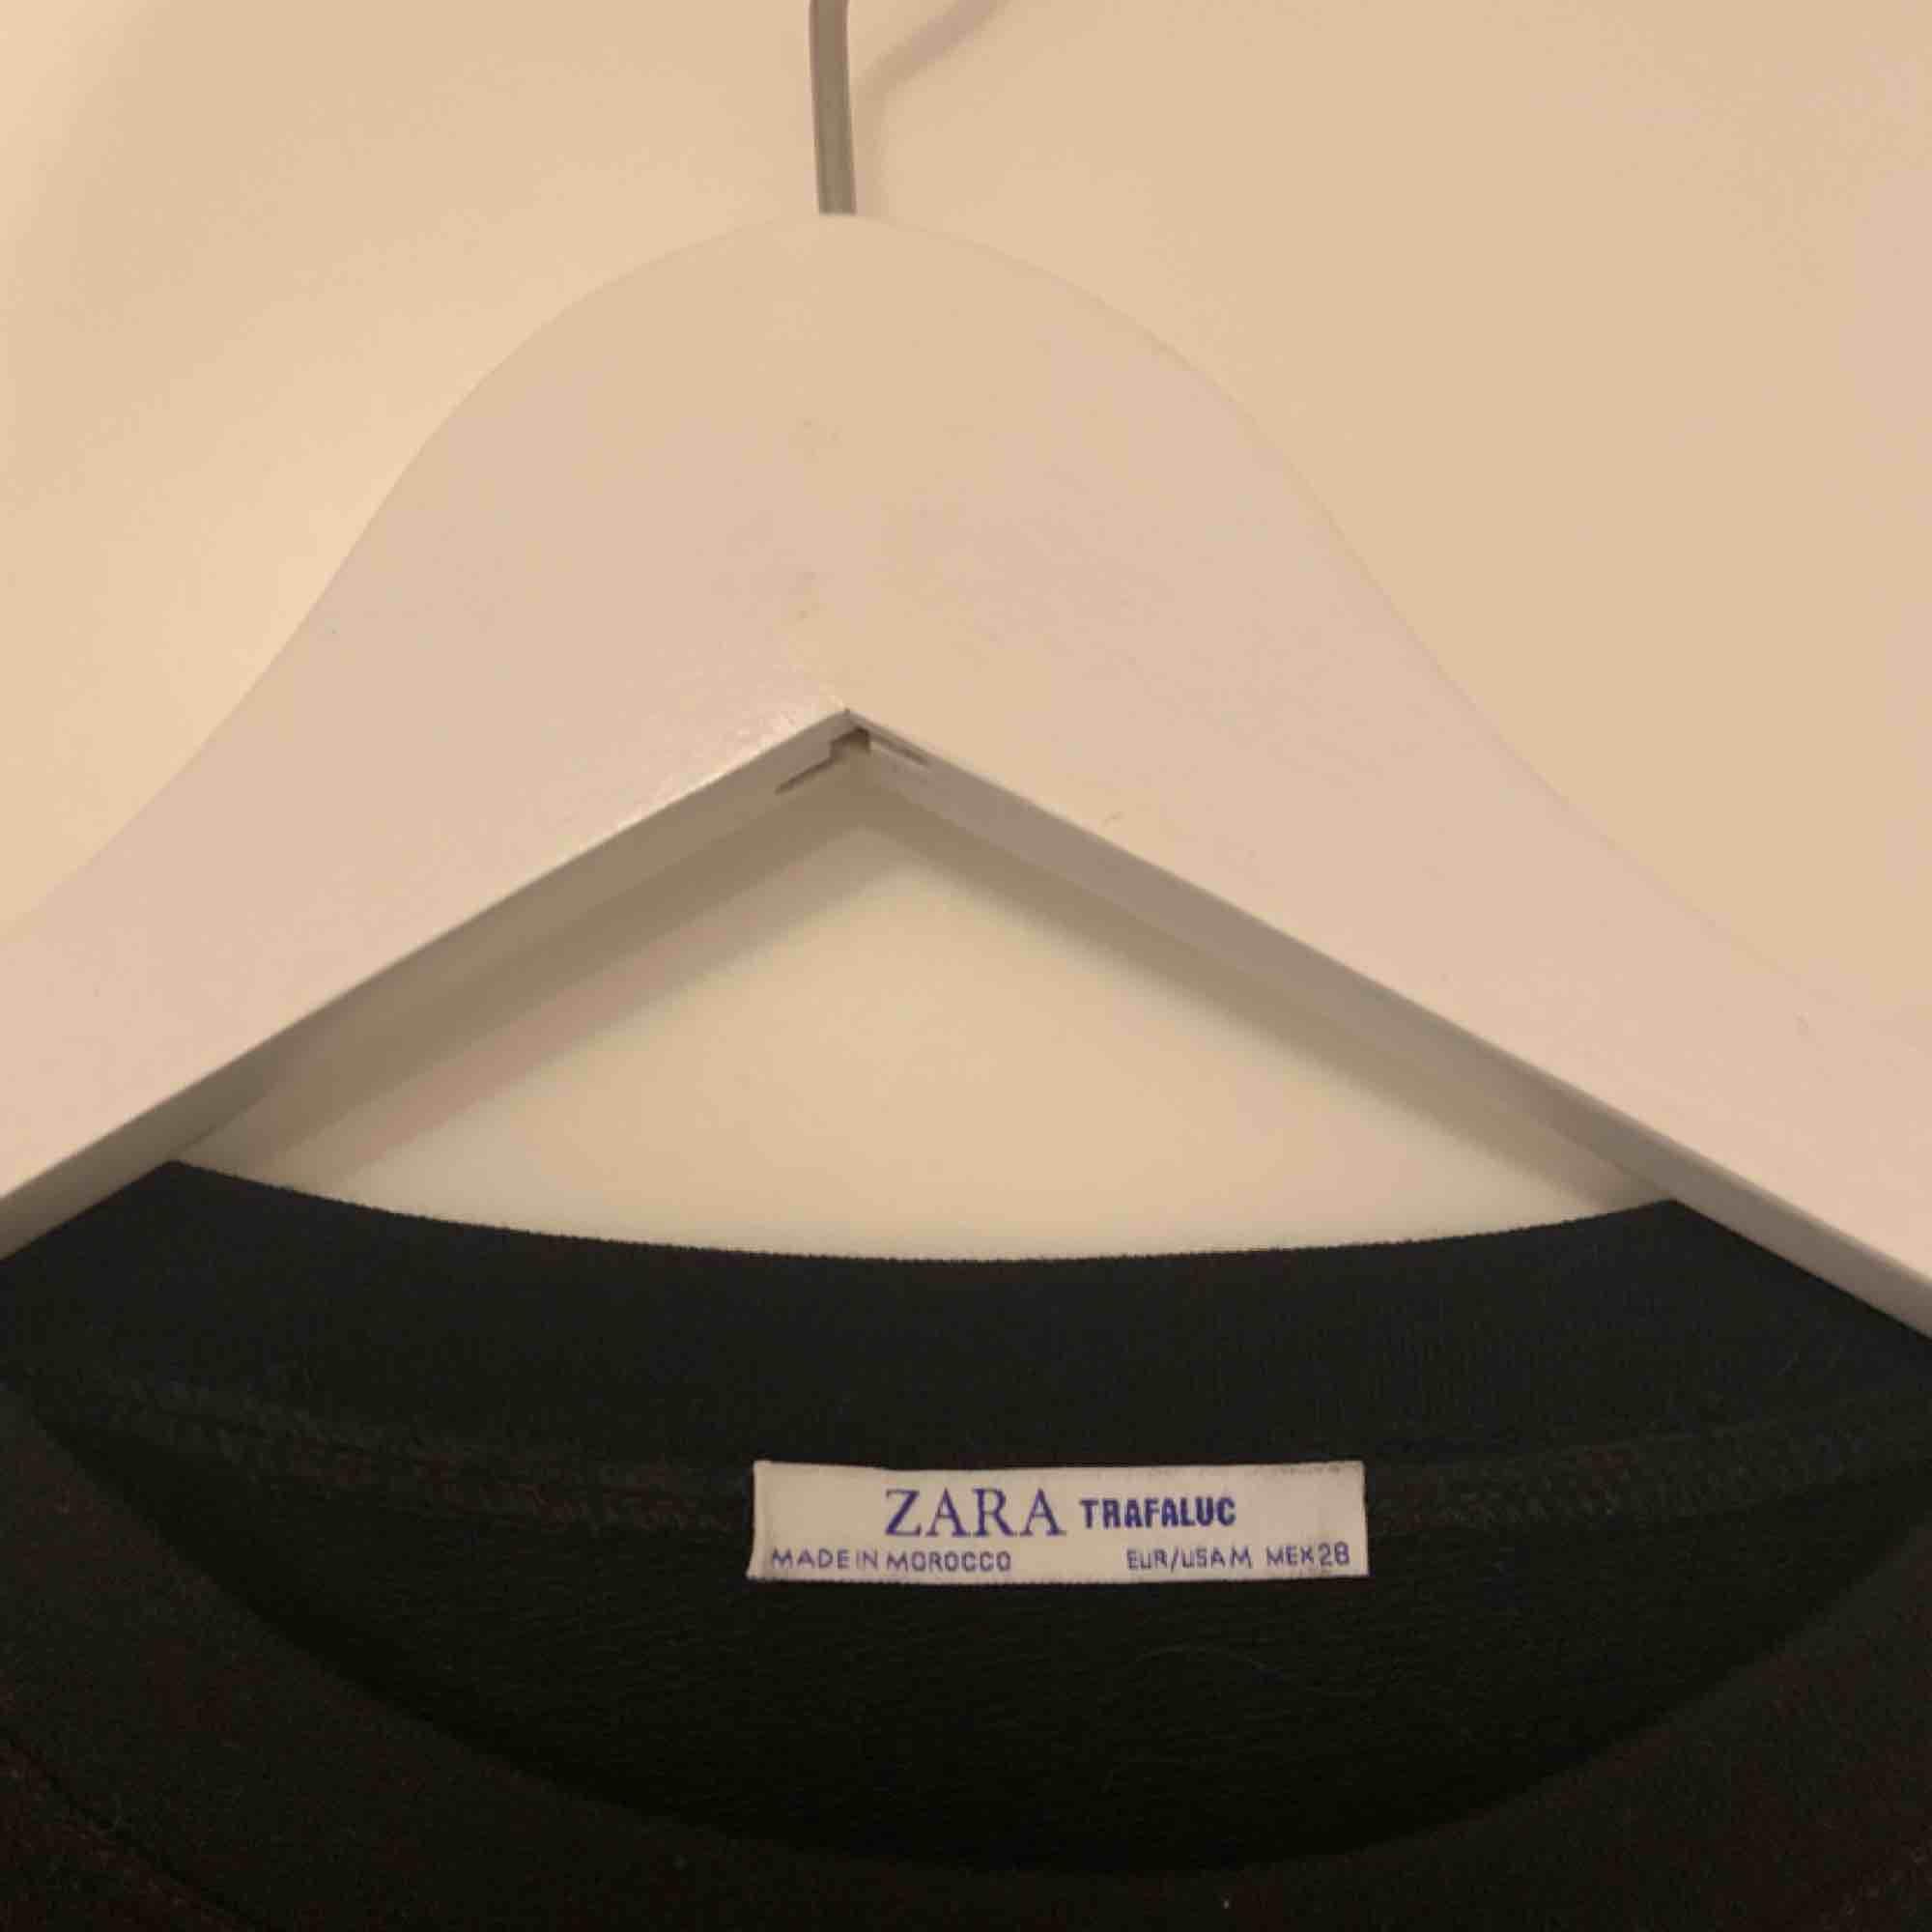 Zara långärmad tröja M skulle själv säga XS/S  Knut längst ner  Använd 1 gng  175 ink. Toppar.